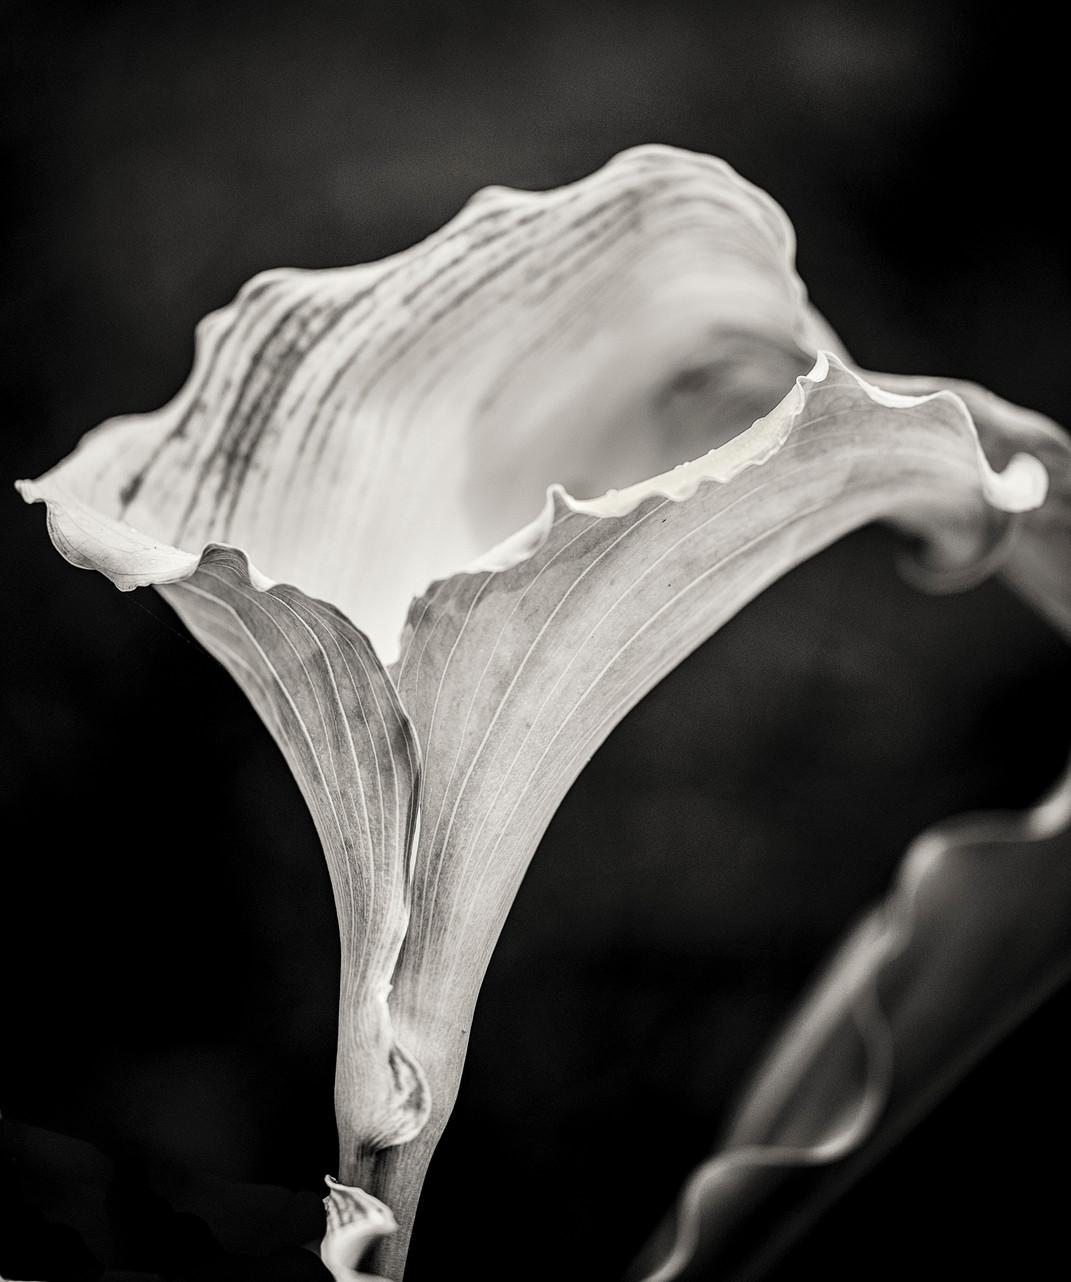 Siddho-Photography-nature-BW-23.jpg